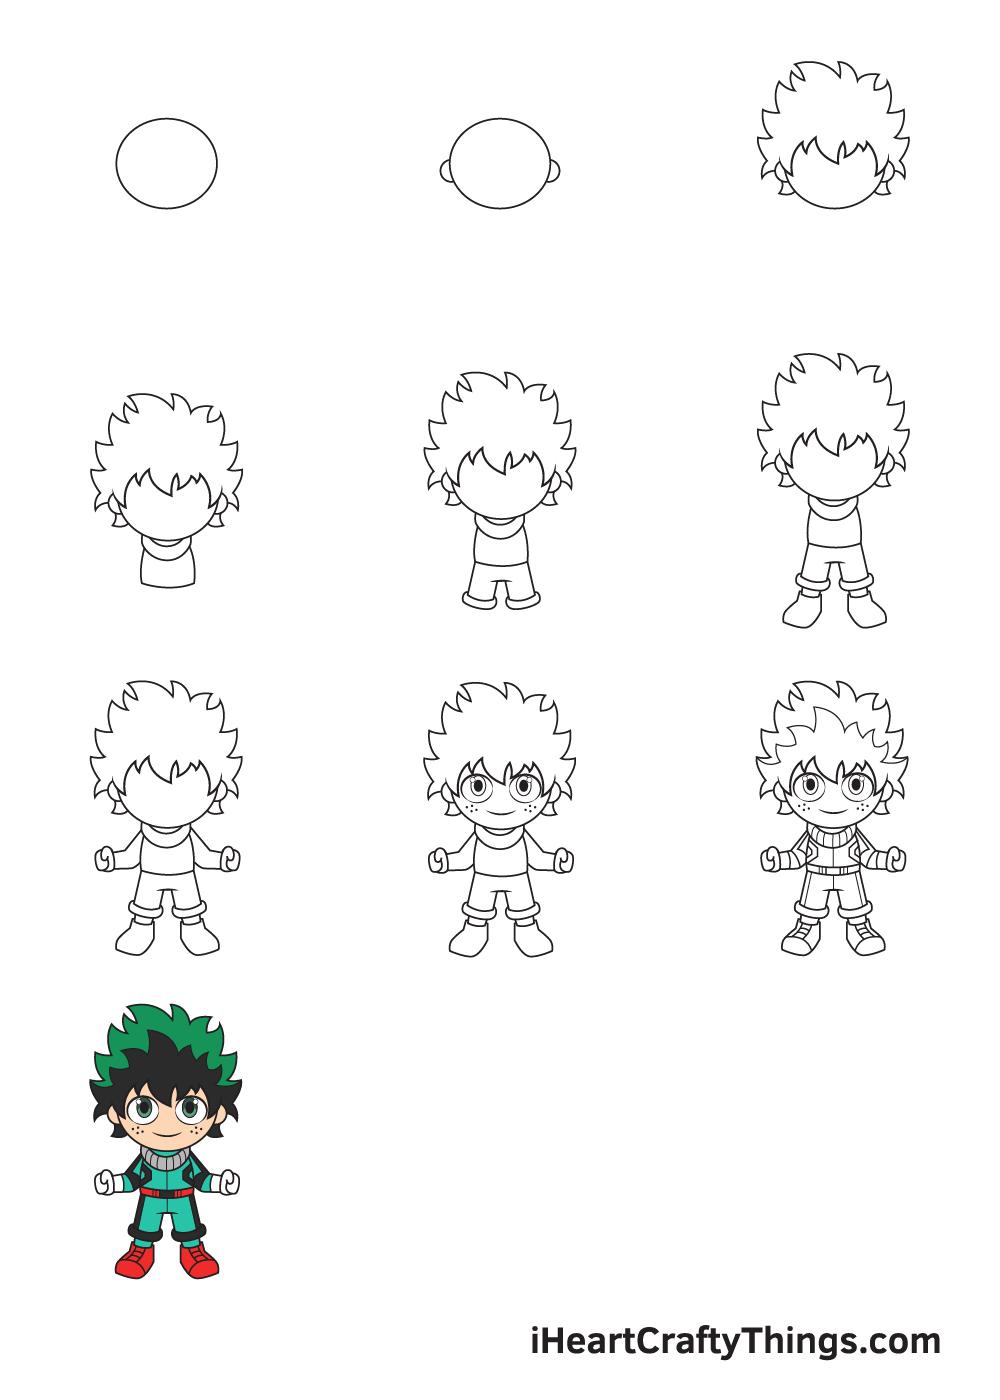 drawing deku in 9 steps